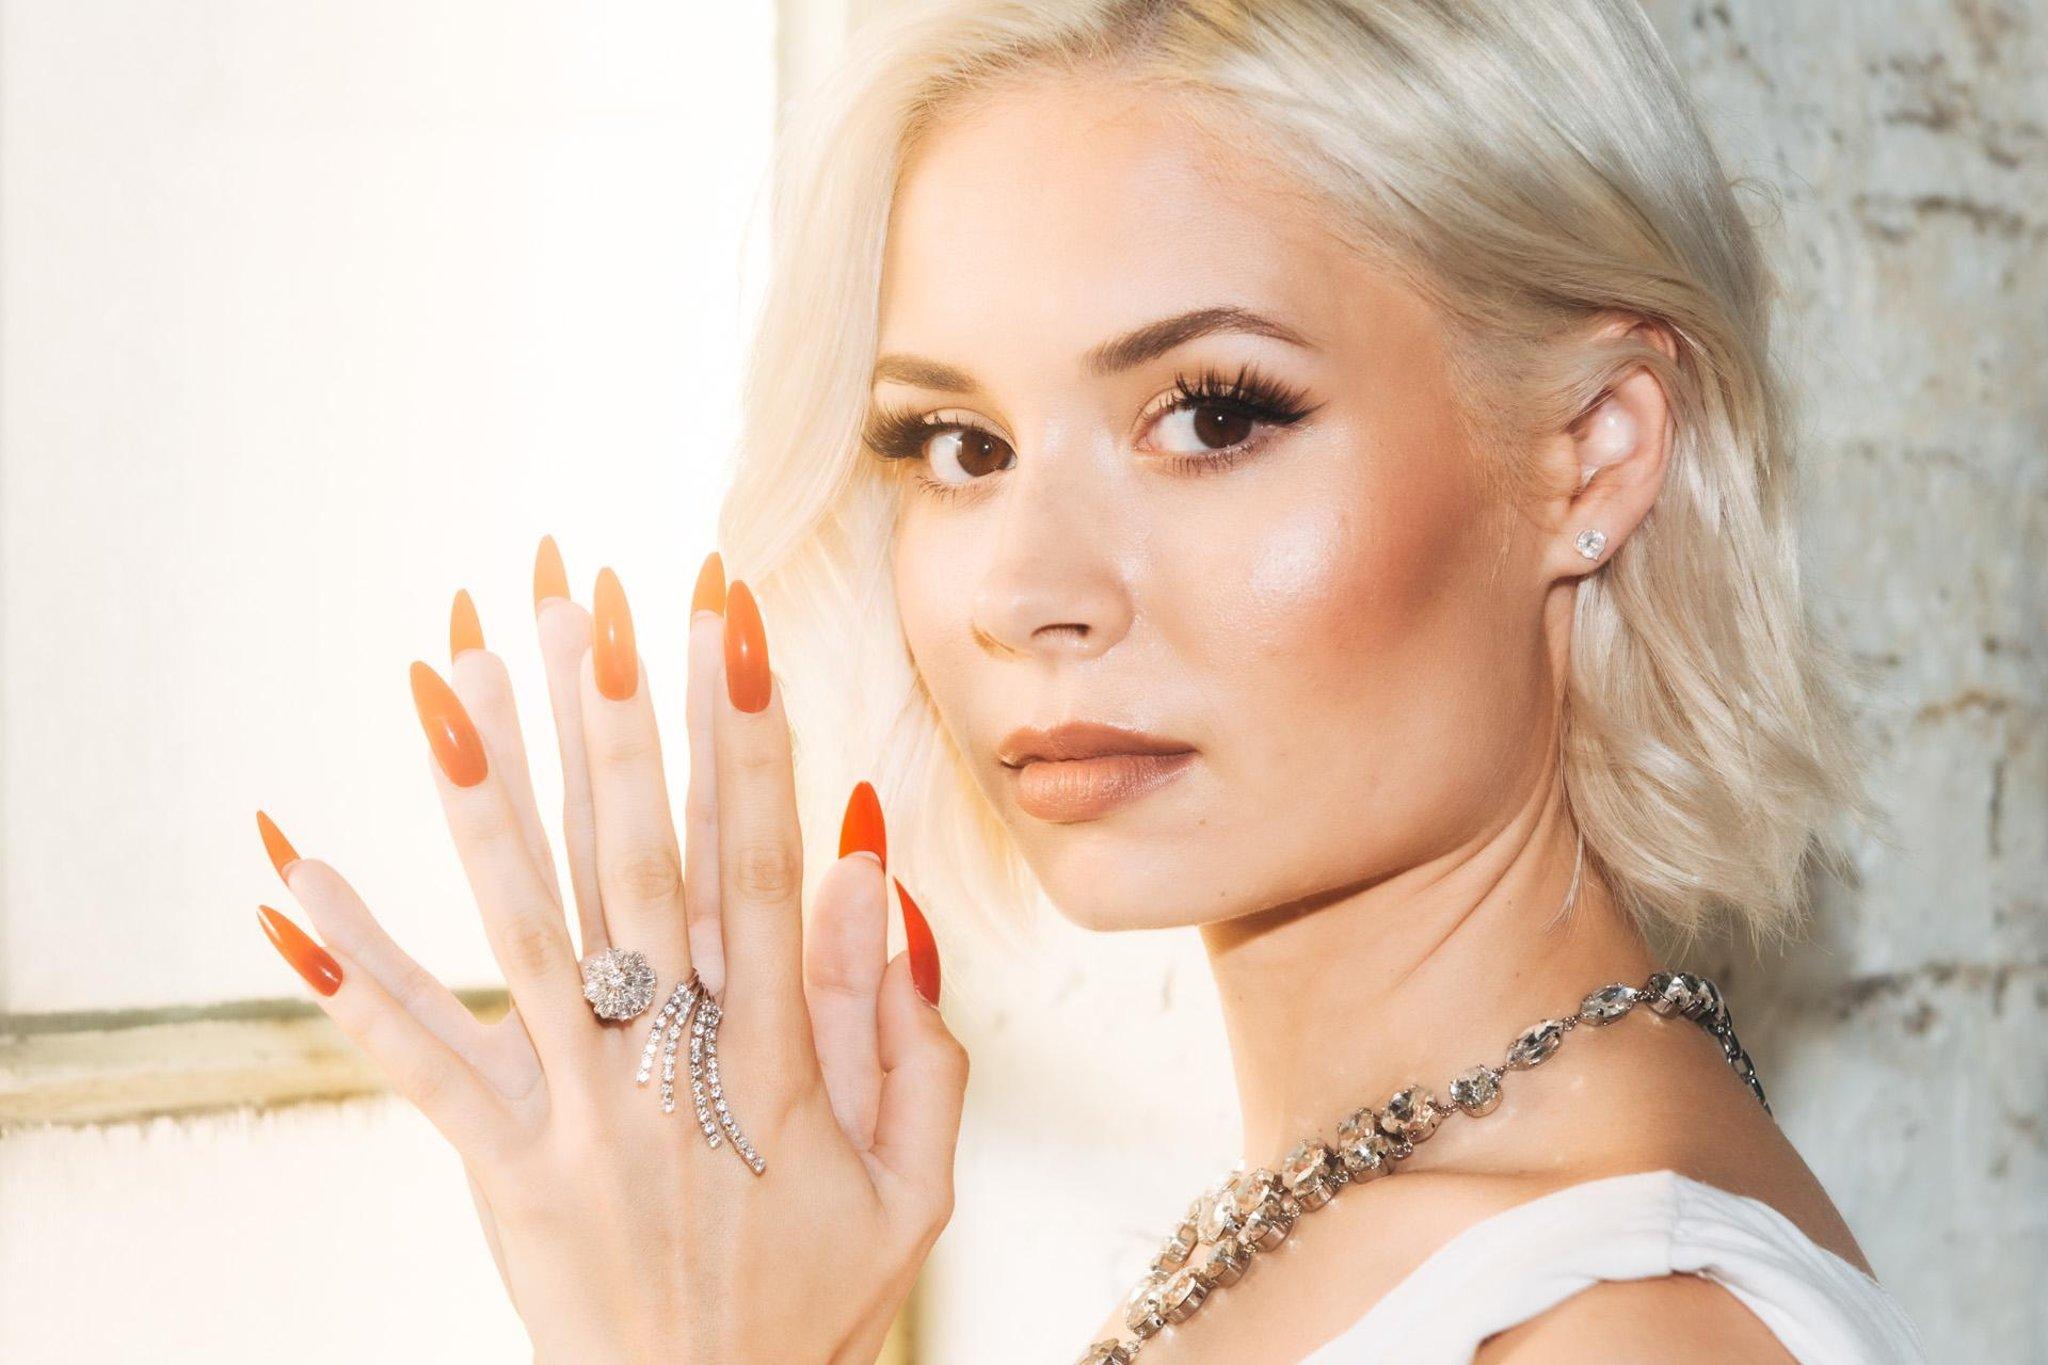 Nina Nesbitt dari Edinburgh melakukan Abba dan menjadi avatar untuk pertunjukan virtual